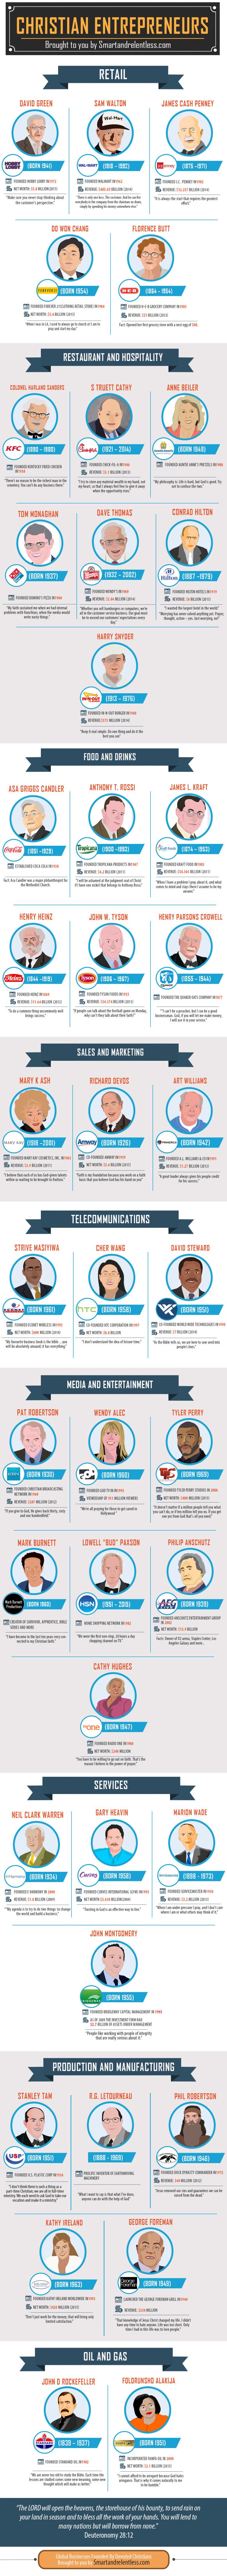 biz-infographic